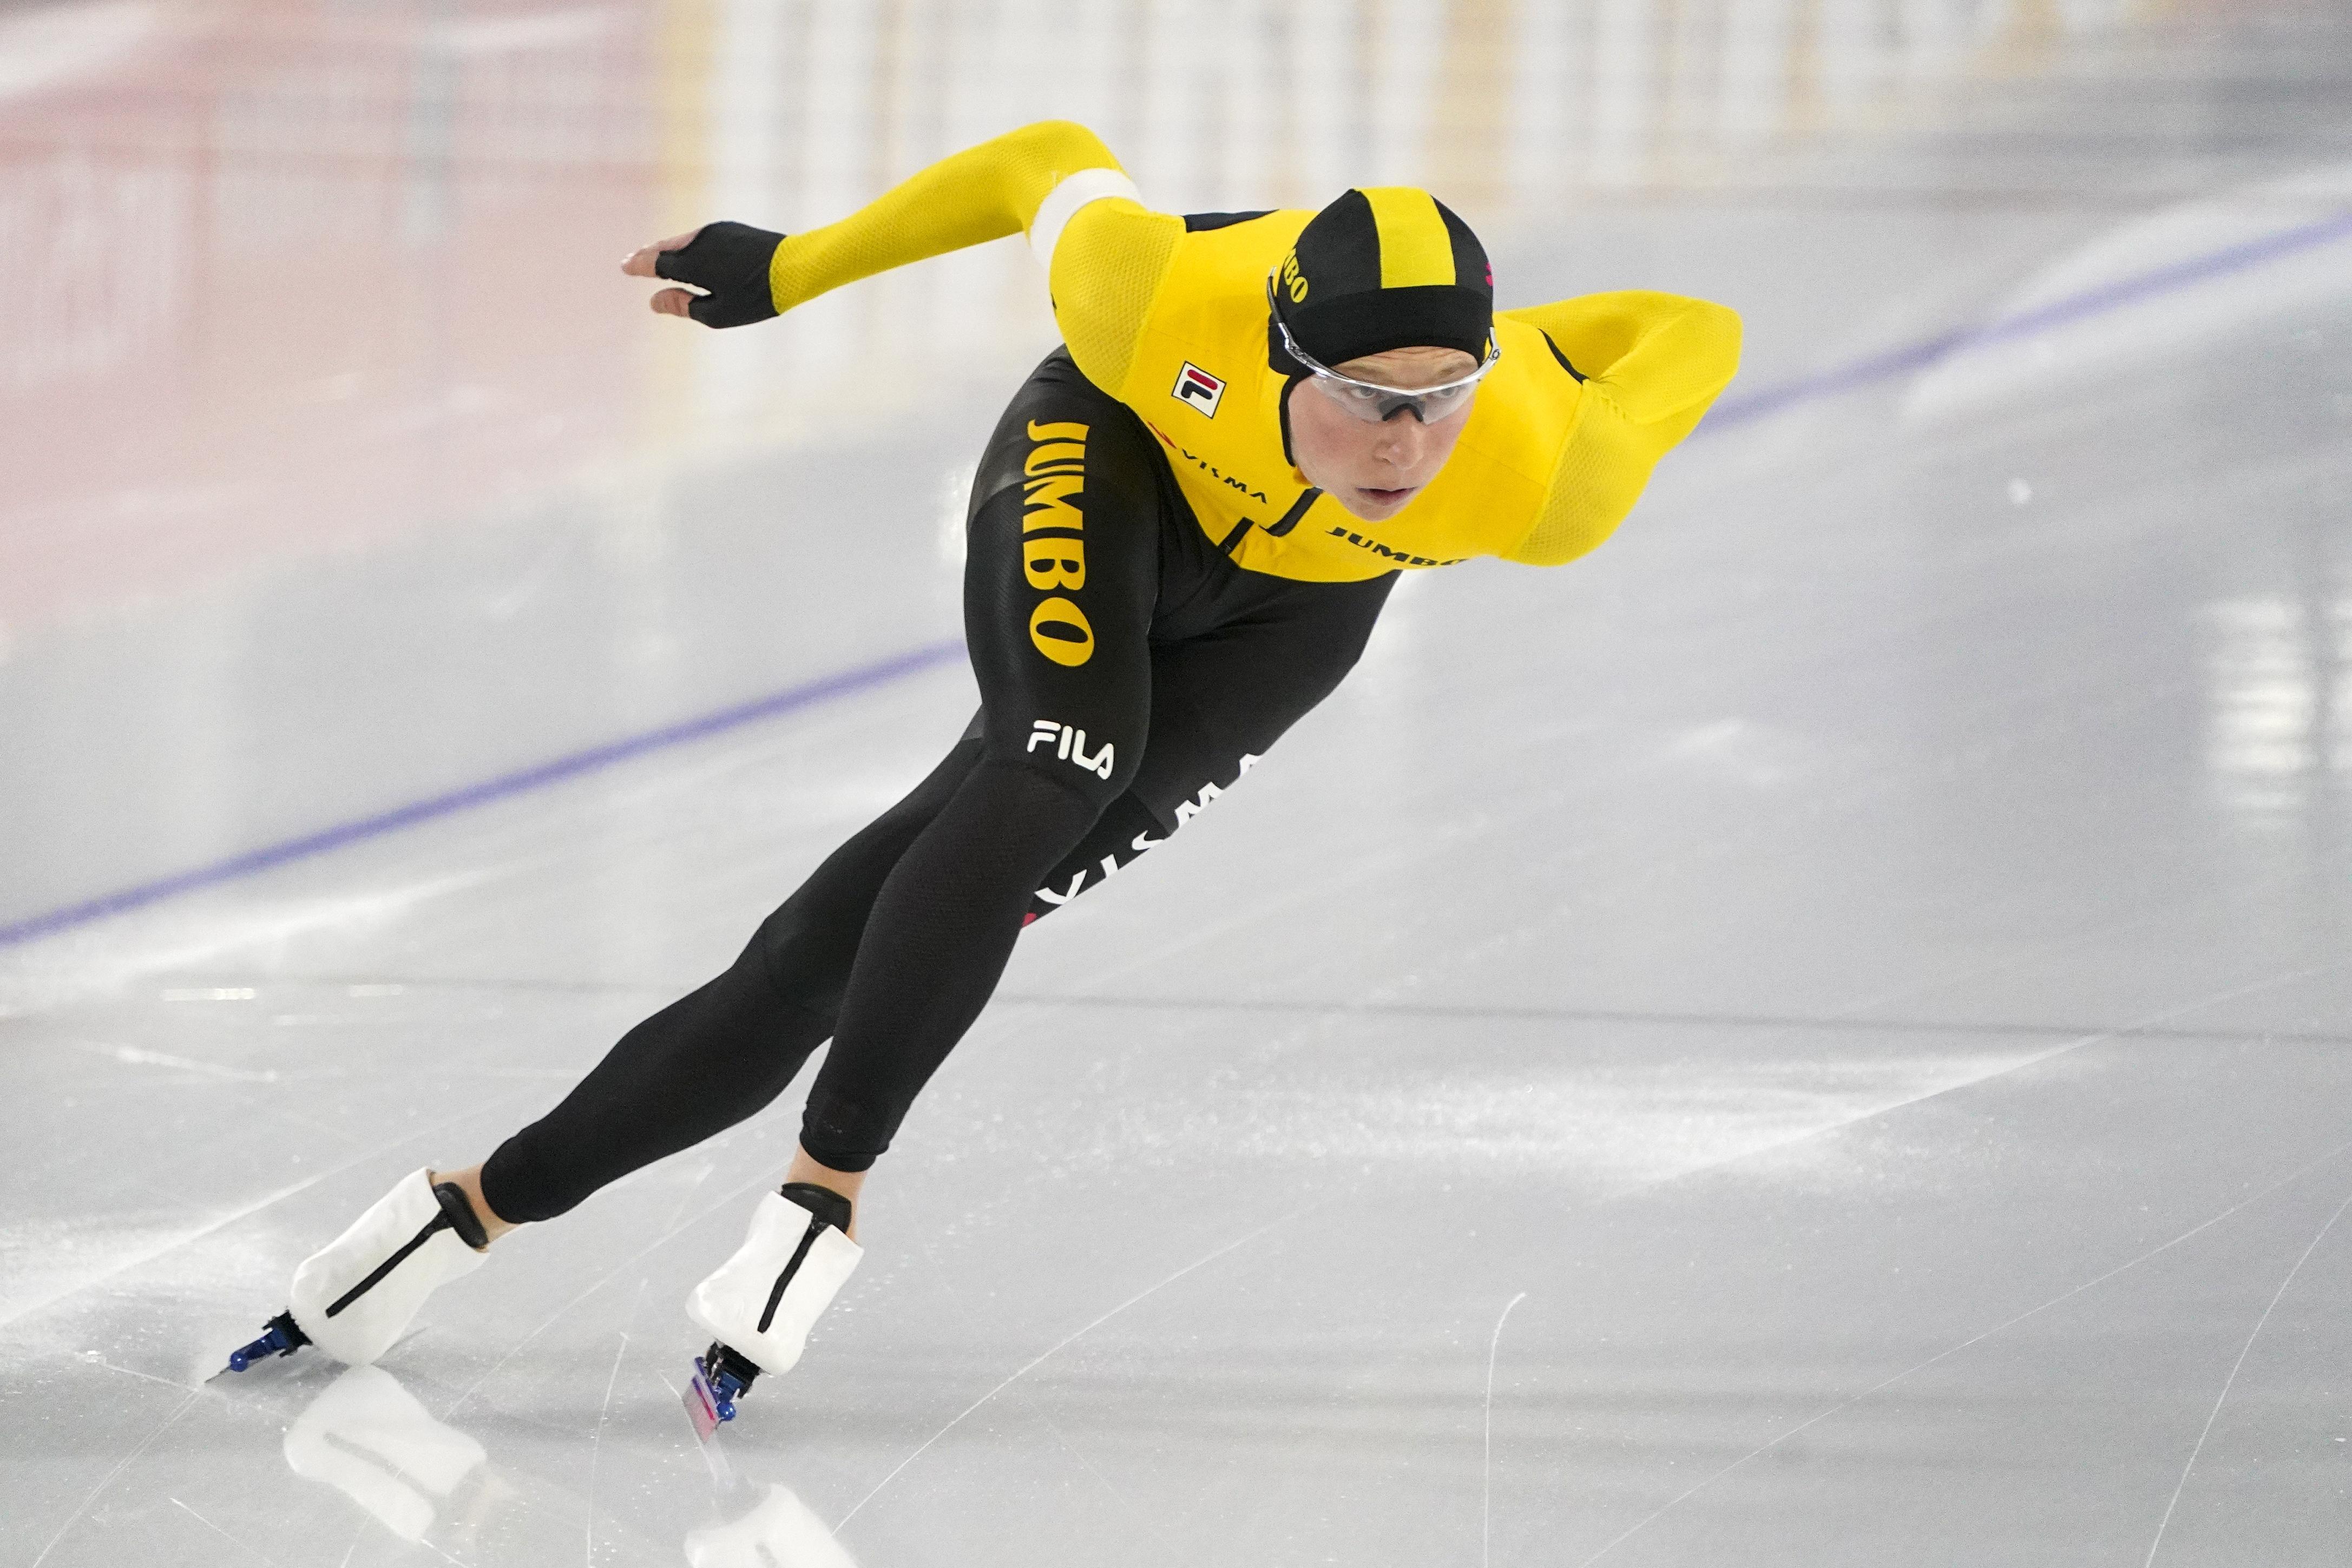 Schaatstalent Merijn Scheperkamp zoekt op NK Sprint naar juiste balans tussen spanning en ontspanning: 'Dat blijft een lastig evenwicht'